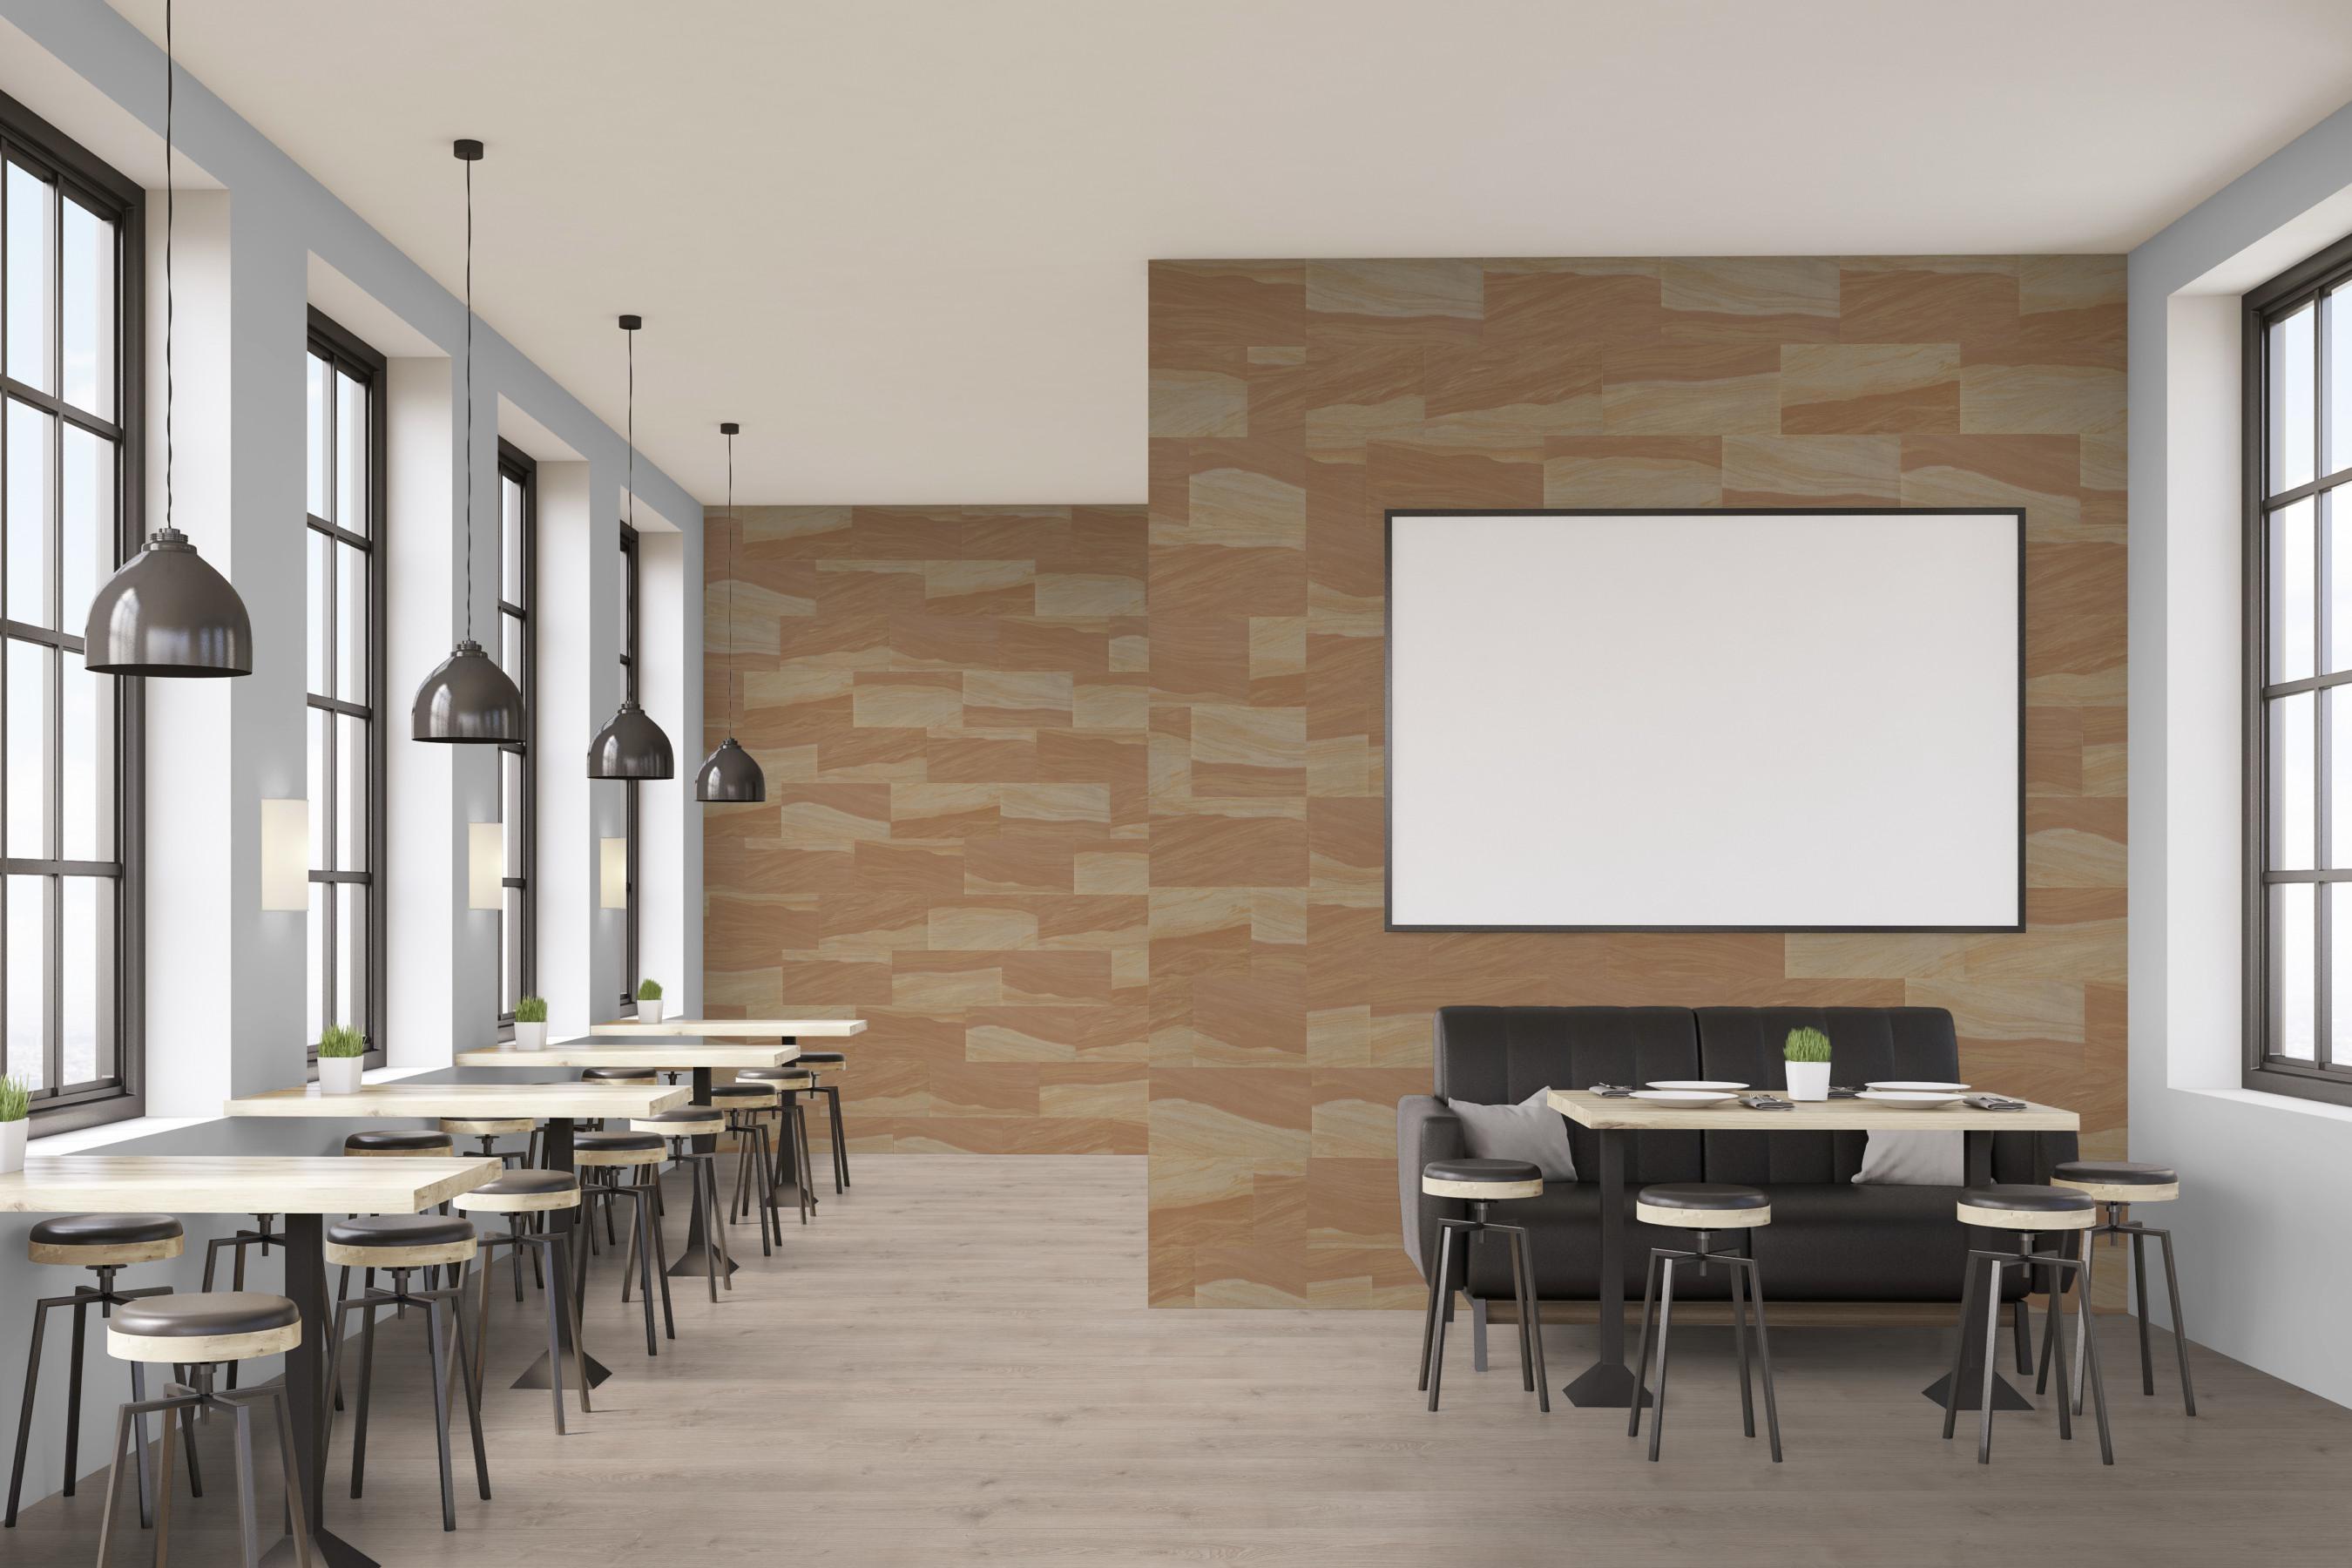 Wandbeläge aus echtem Sandstein hier als Fliesen für Ladenbau und Objekte, auch Fassaden